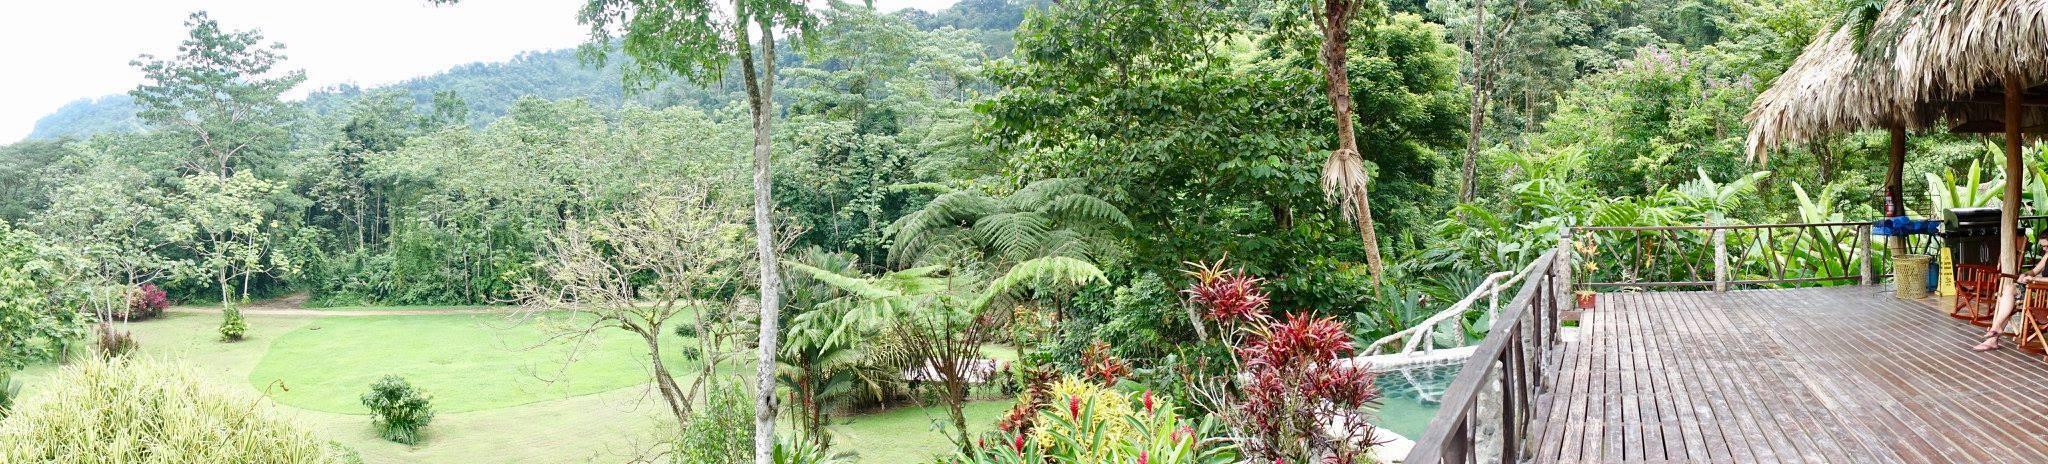 Picture of Rafiki Safari Lodge, Costa Rica